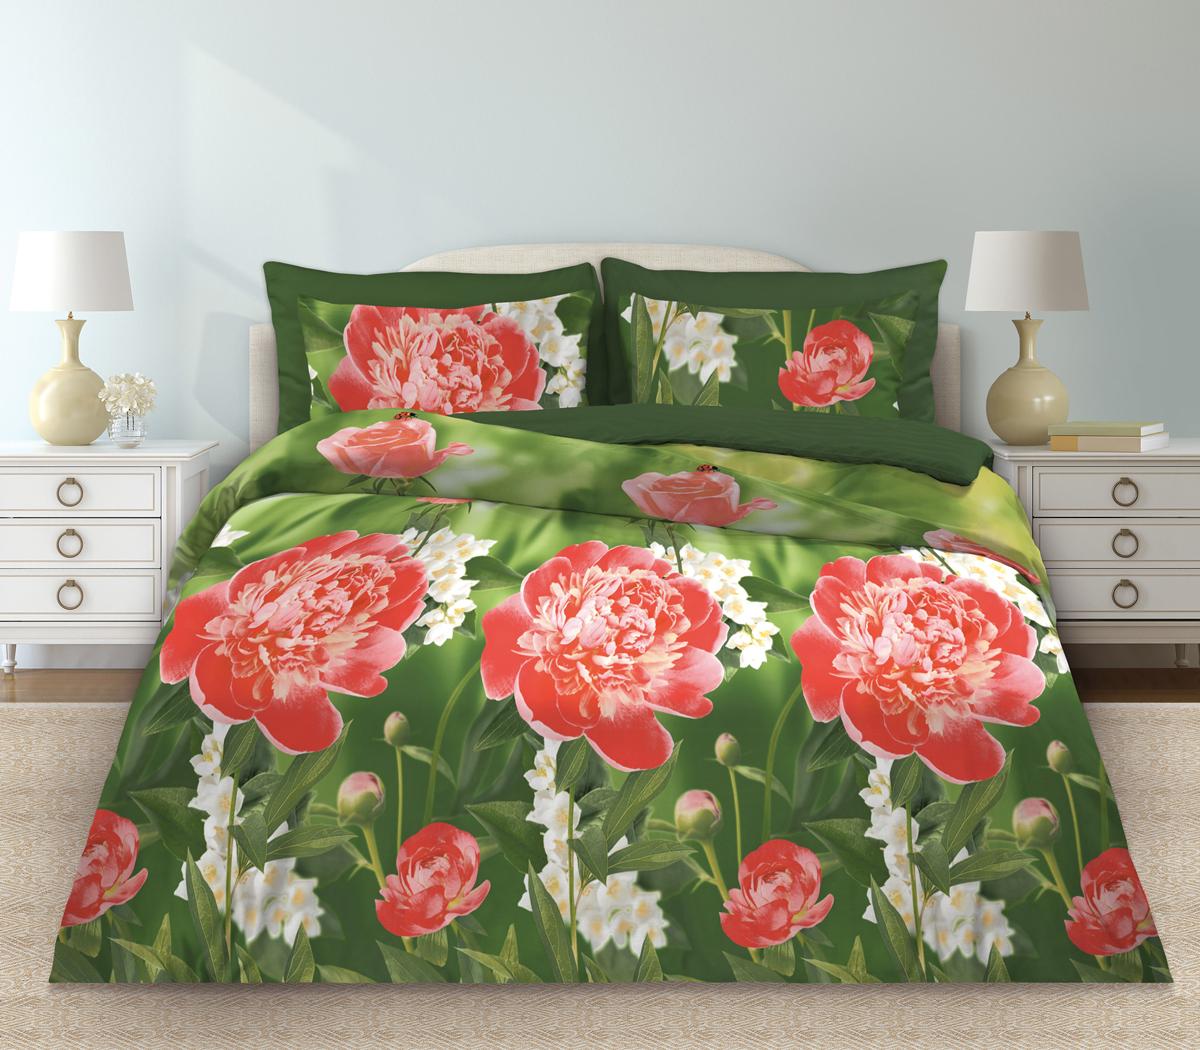 Комплект белья Любимый дом Пионы, 1,5-спальный, наволочки 70х70FA-5125 WhiteКомплект постельного белья коллекции Любимый дом выполнен из высококачественной ткани - из 100% хлопка. Такое белье абсолютно натуральное, гипоаллергенное, соответствует строжайшим экологическим нормам безопасности, комфортное, дышащее, не нарушает естественные процессы терморегуляции, прочное, не линяет, не деформируется и не теряет своих красок даже после многочисленных стирок, а также отличается хорошей износостойкостью.